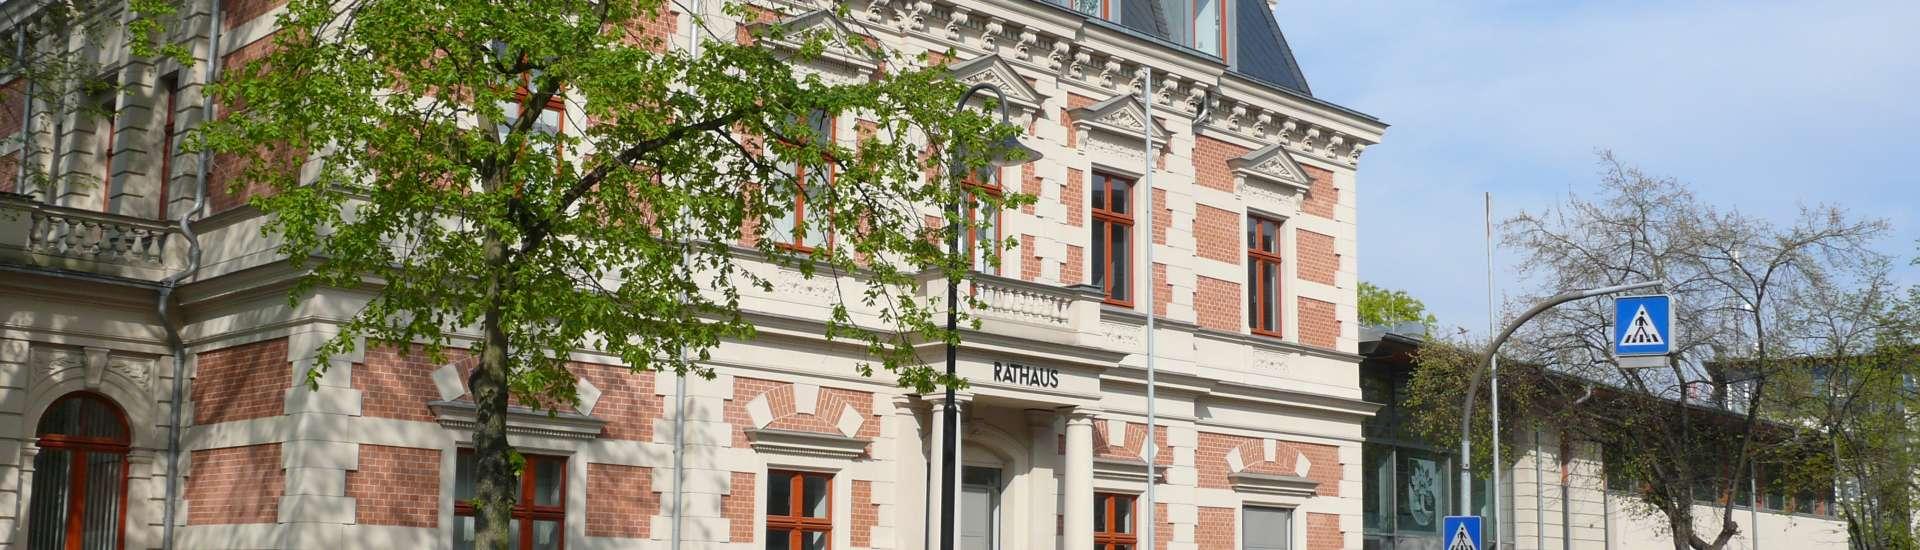 Rathaus Erkner